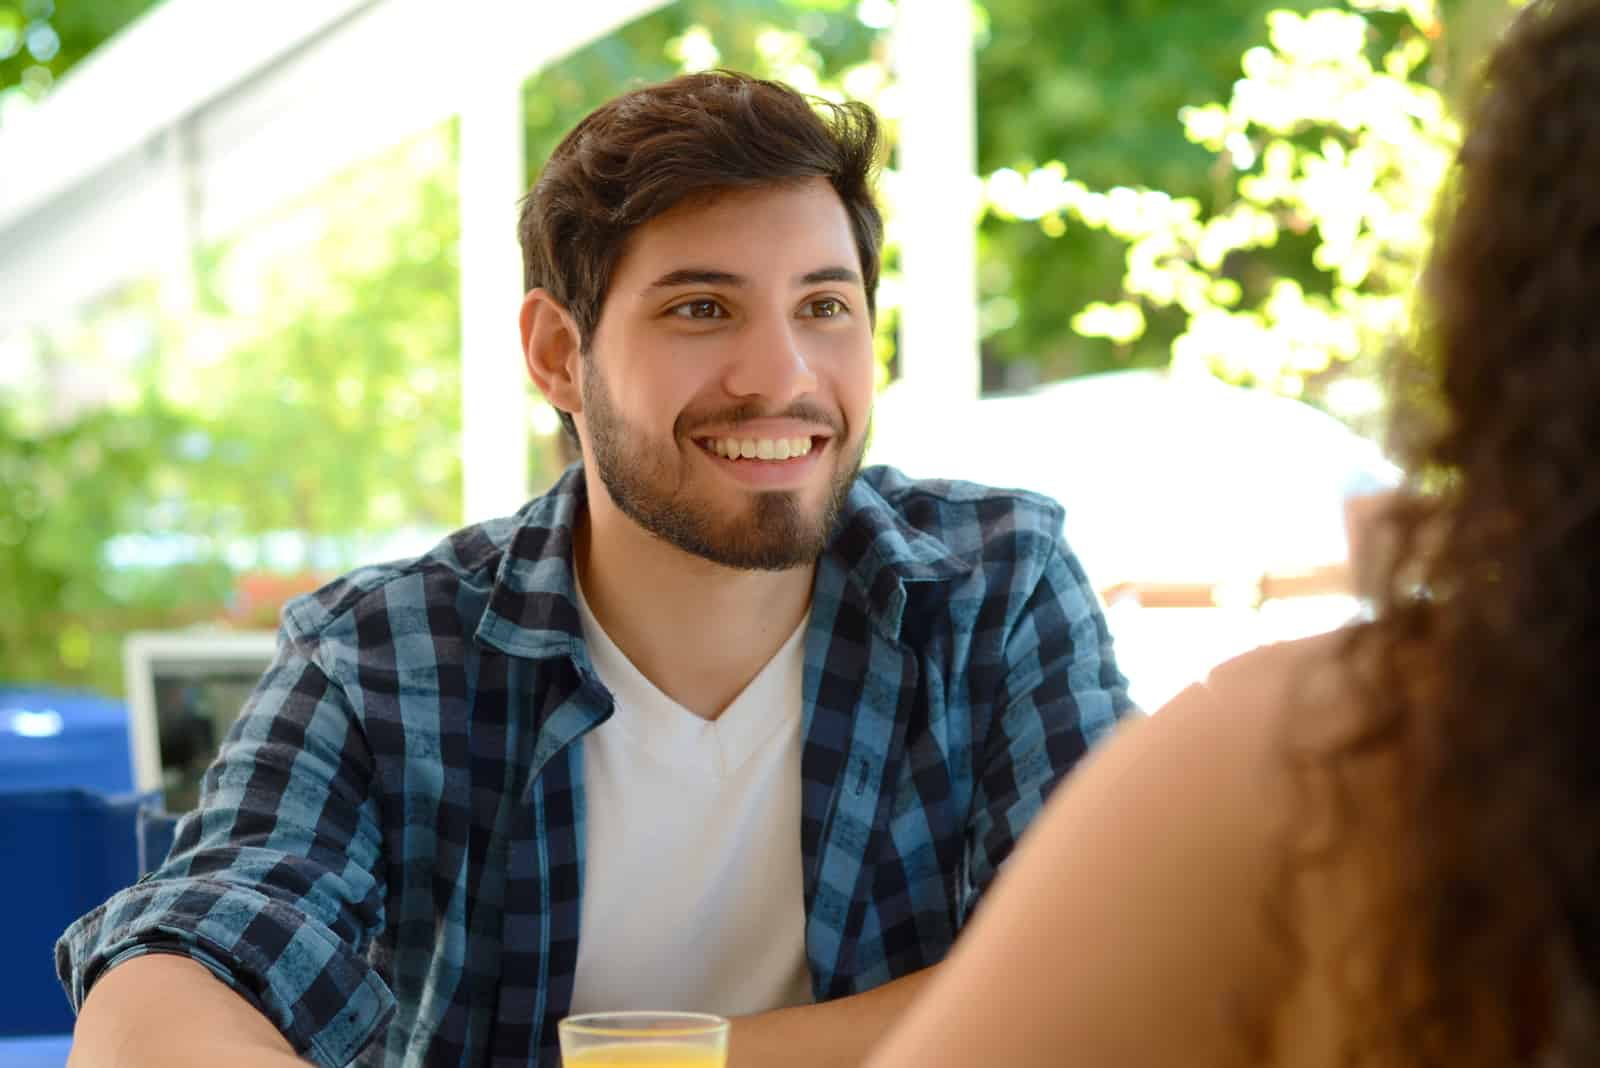 un homme souriant parle à une femme